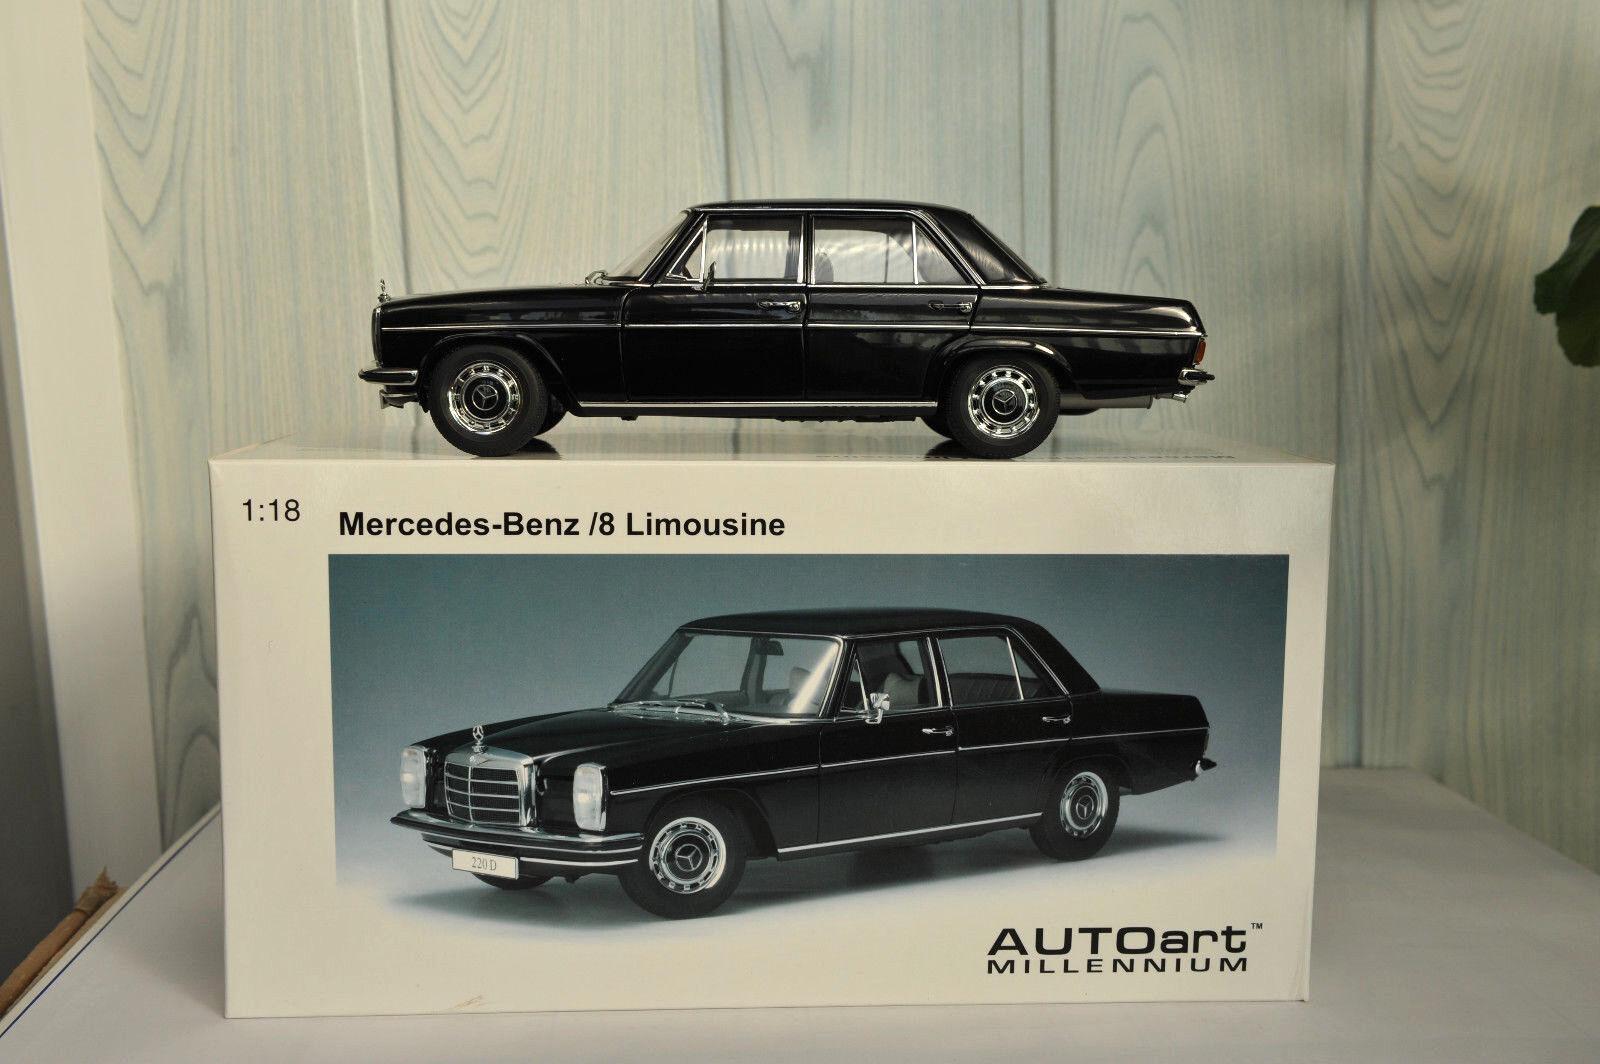 Mercedes-Benz-8-220D 76181-Limousine-Noire-Rare 76181-Limousine-Noire-Rare 76181-Limousine-Noire-Rare 1-18-Autoart Millénium rarissime f5d53f